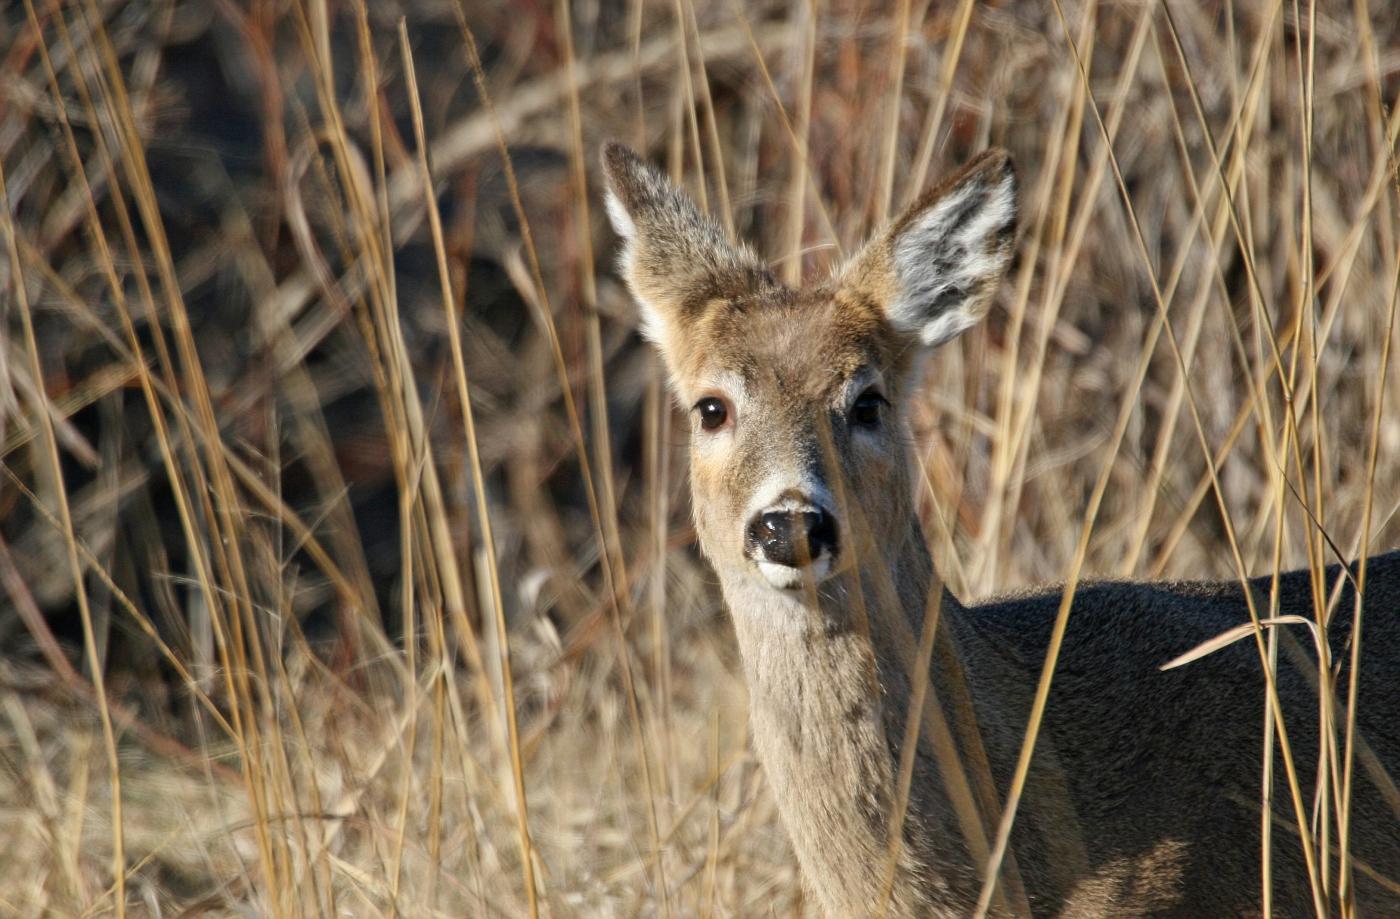 Juvenile Through the Grass